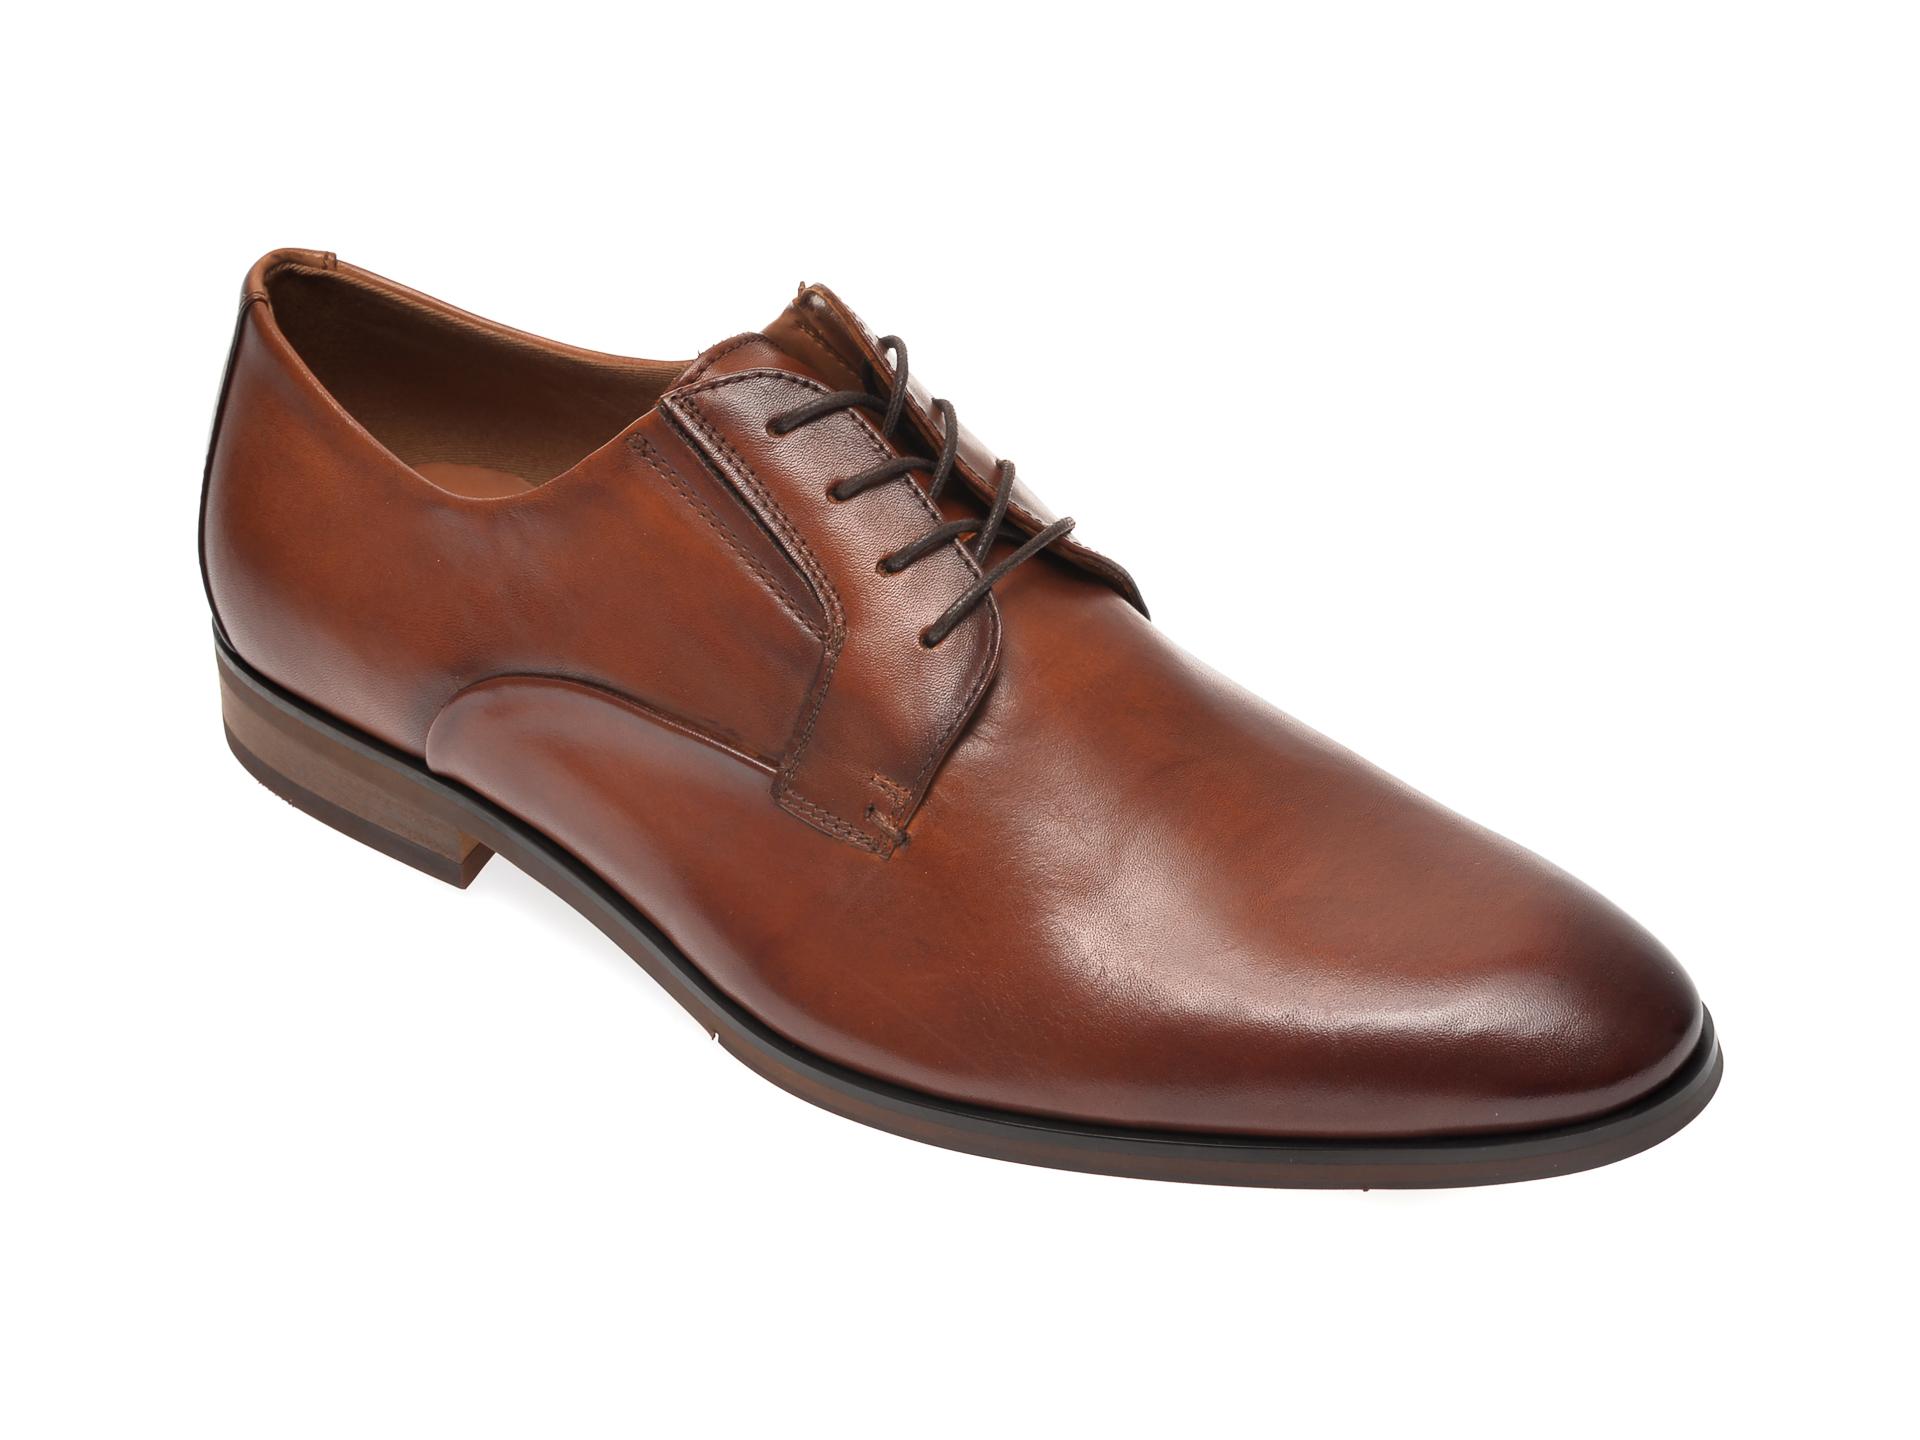 Pantofi ALDO maro, Eowelalian220, din piele naturala imagine